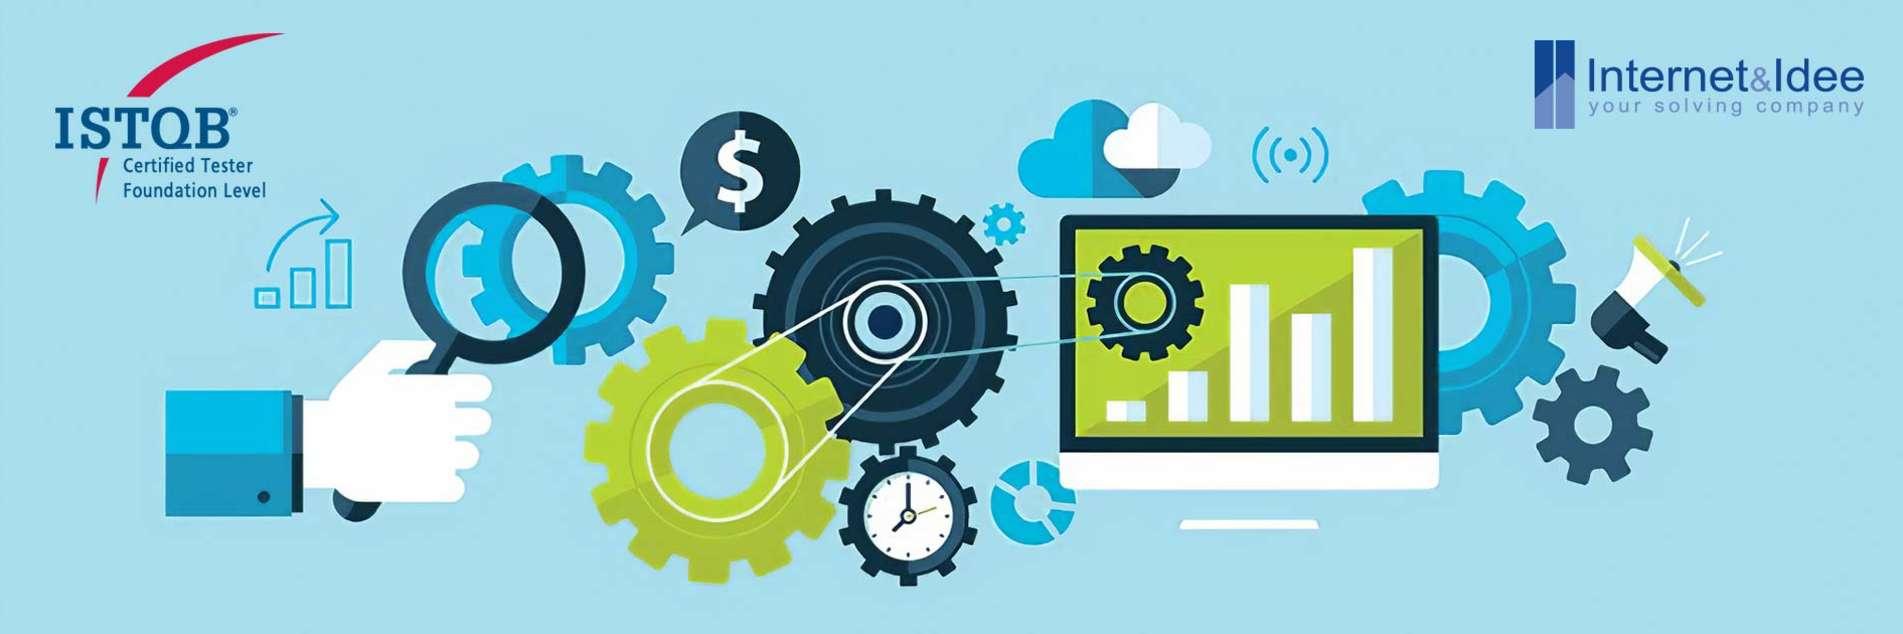 Affidati a professionisti certificati ISTQB® per la qualità del tuo software